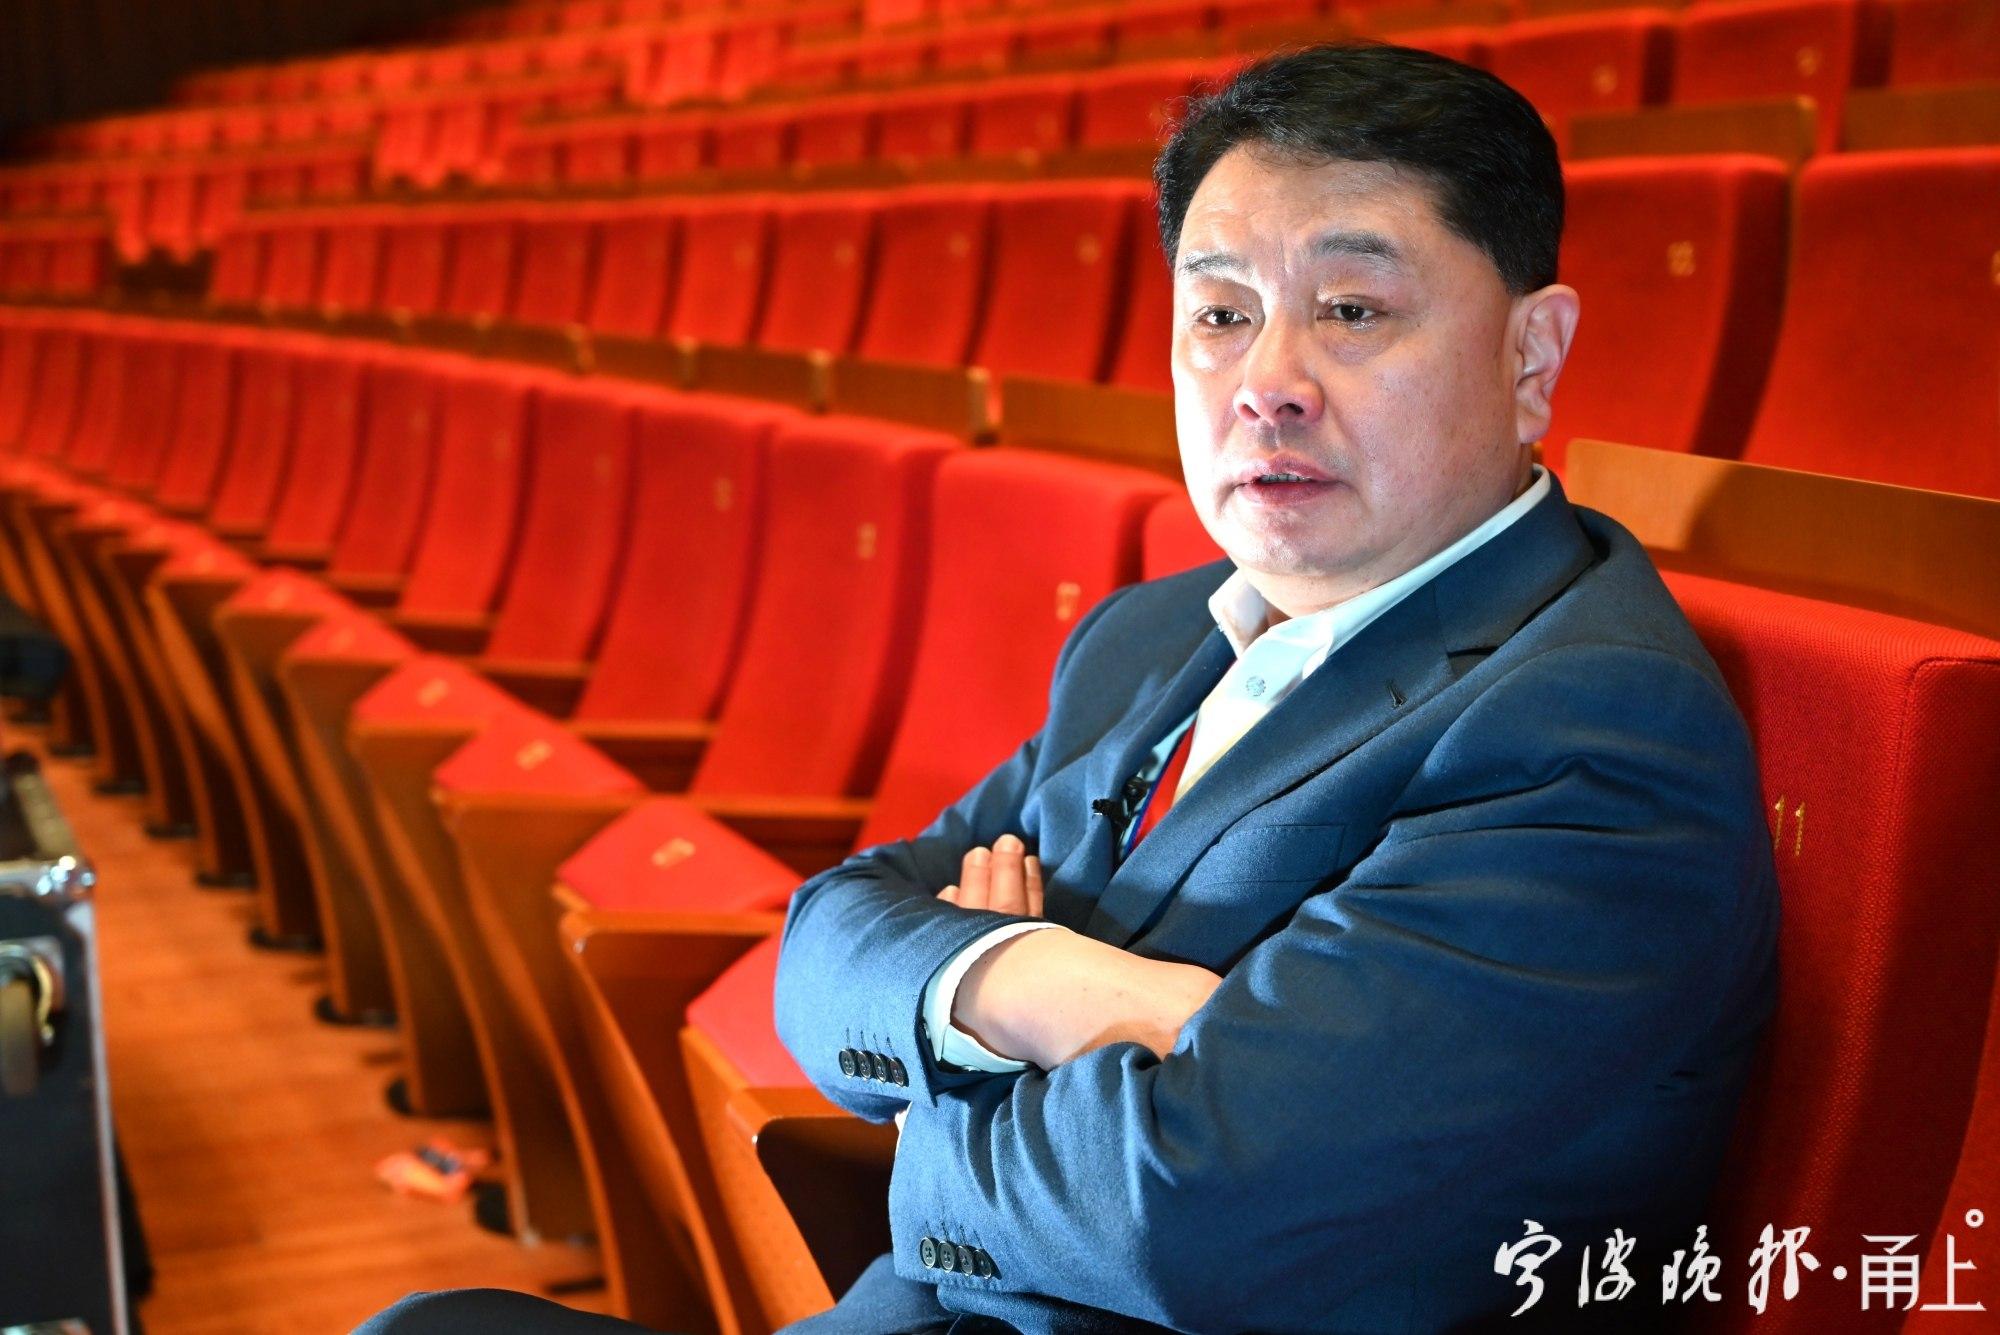 甬上 宁波歌舞剧院院长严肖平:坚持《花木兰》的艺术水准,为宁波城市代言